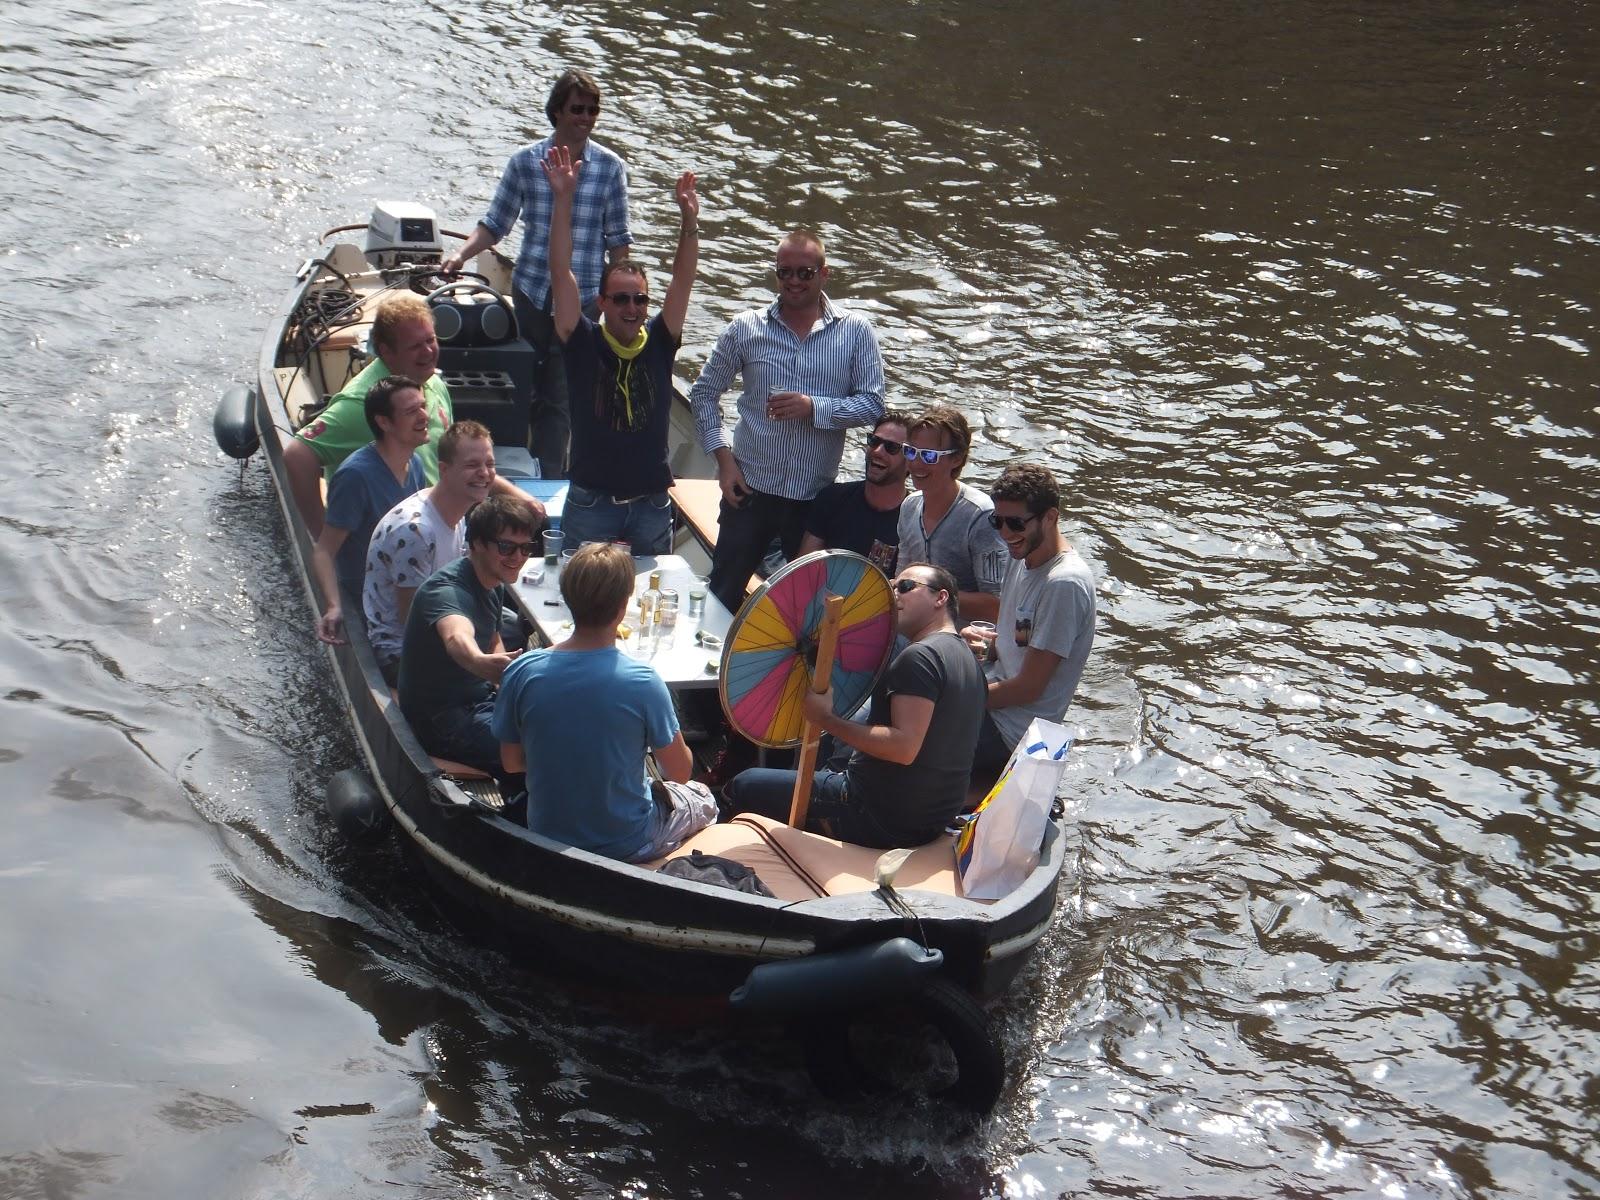 Viaje a Amsterdam, Holanda, Países Bajos, Elisa N, Blog de Viajes, Lifestyle, Travel, Canales